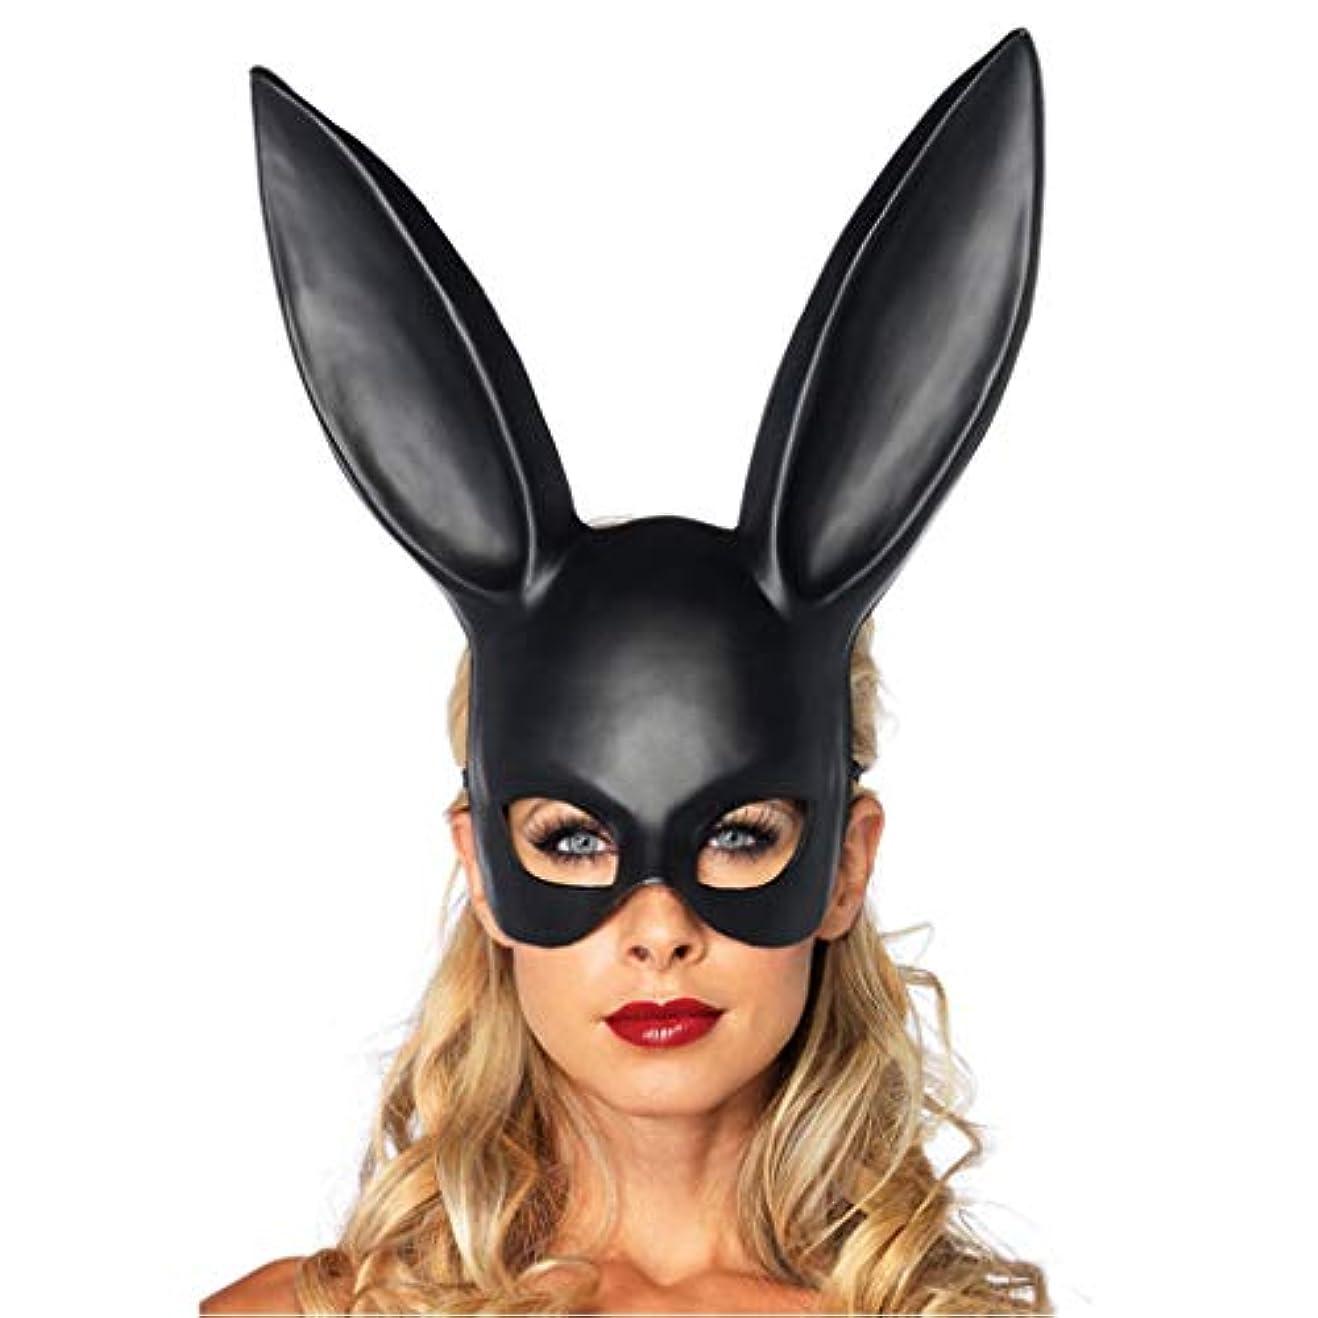 現像筋足首ハロウィーン仮装イヤーマスクバーKTVパーティーマスクかわいいウサギのマスク (Color : A)